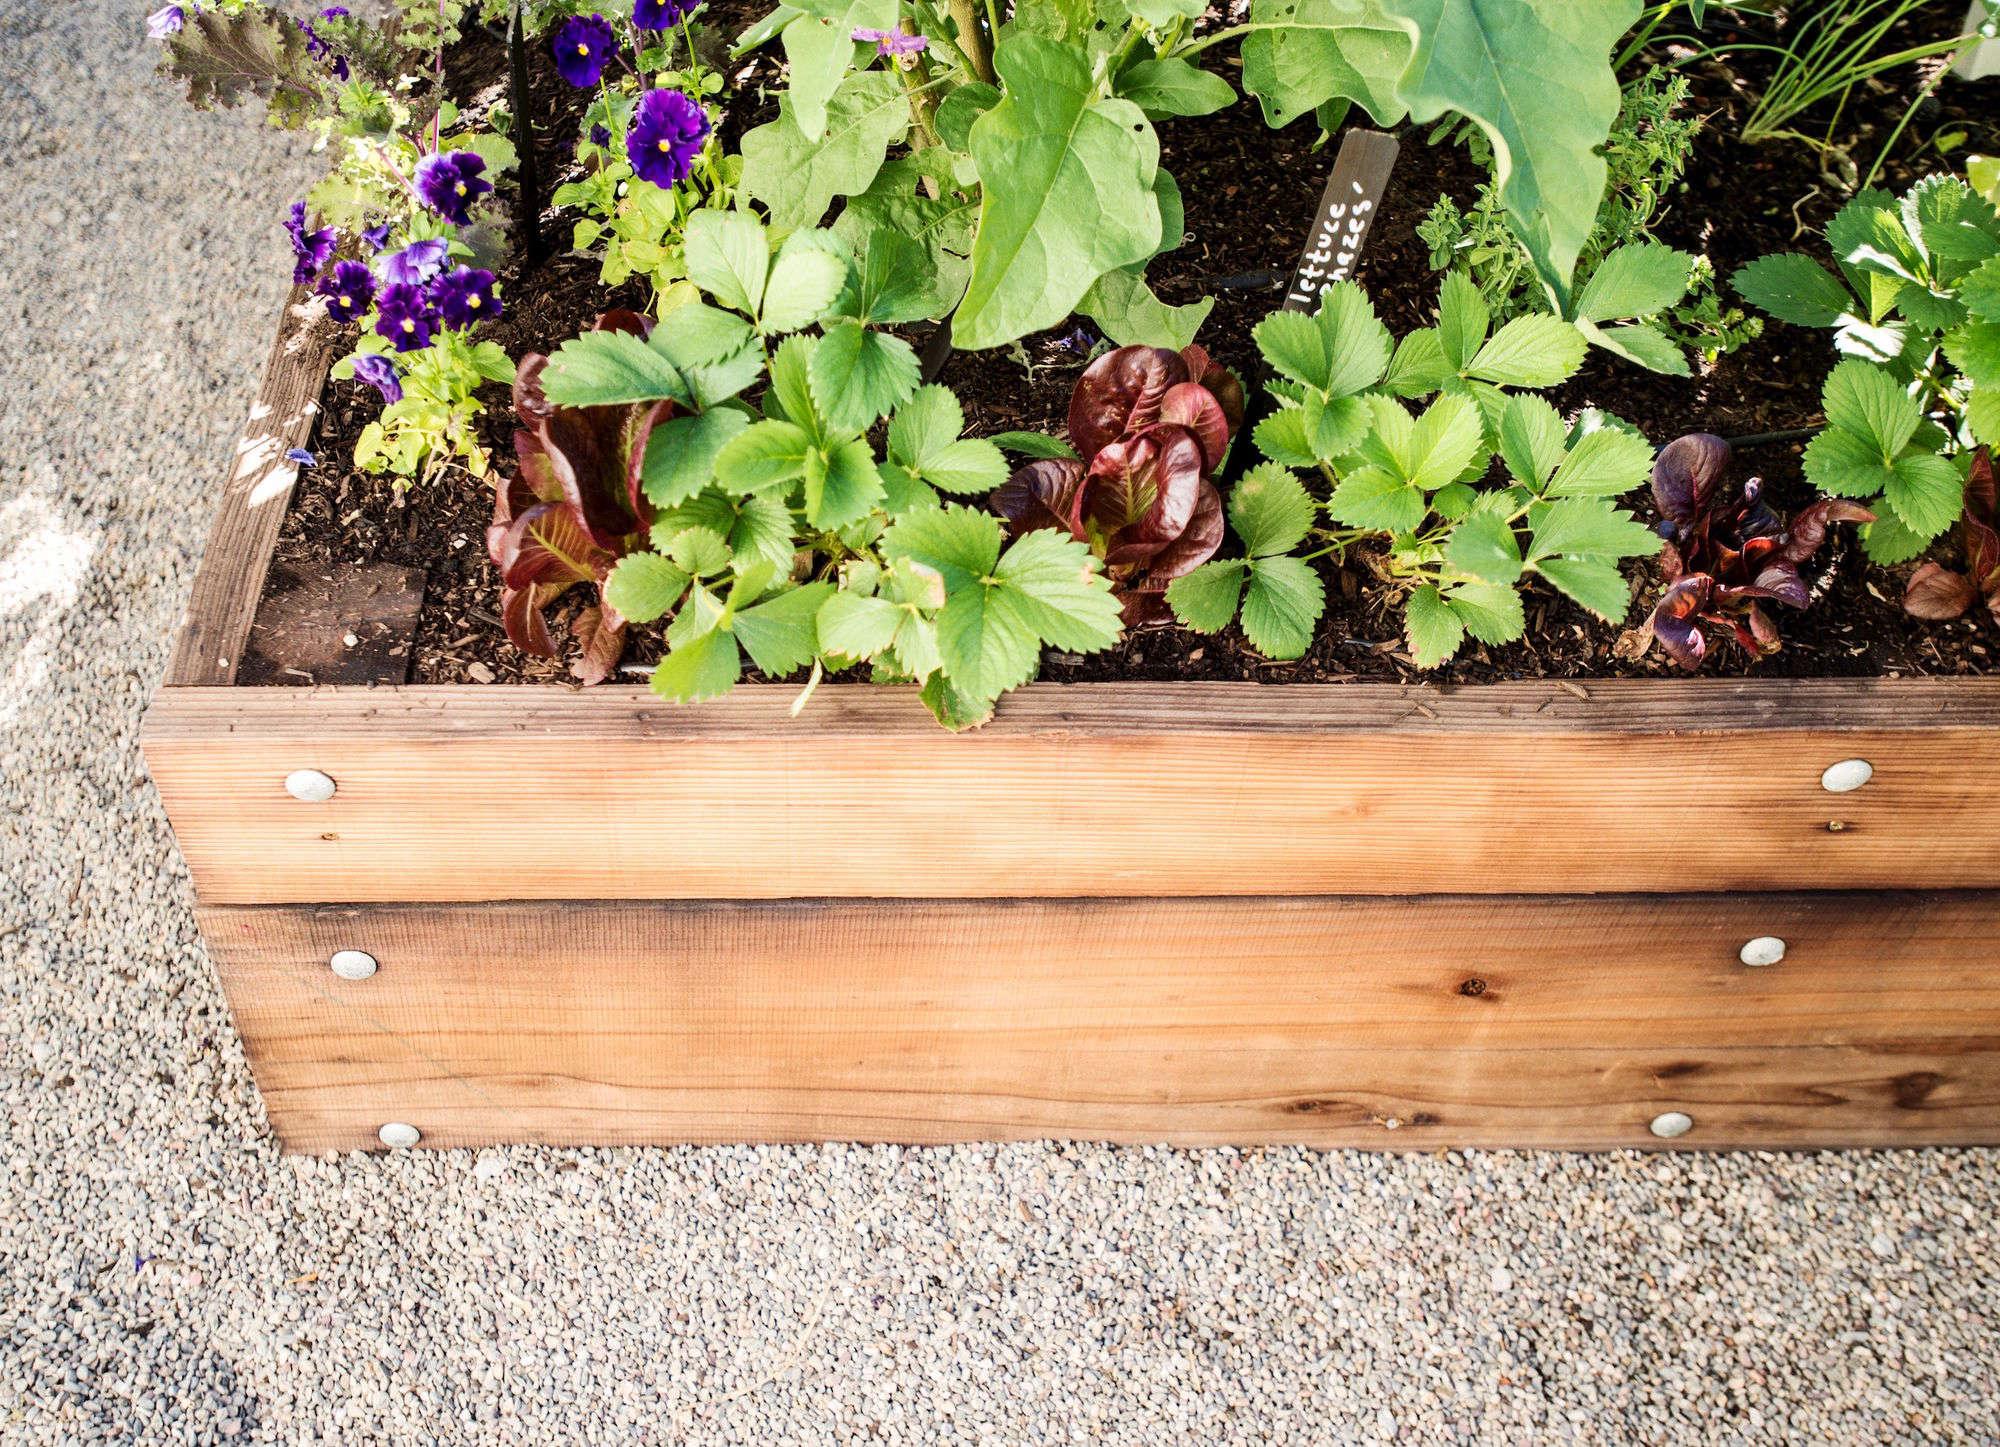 Edible gardens on gardenista for Garden design 101